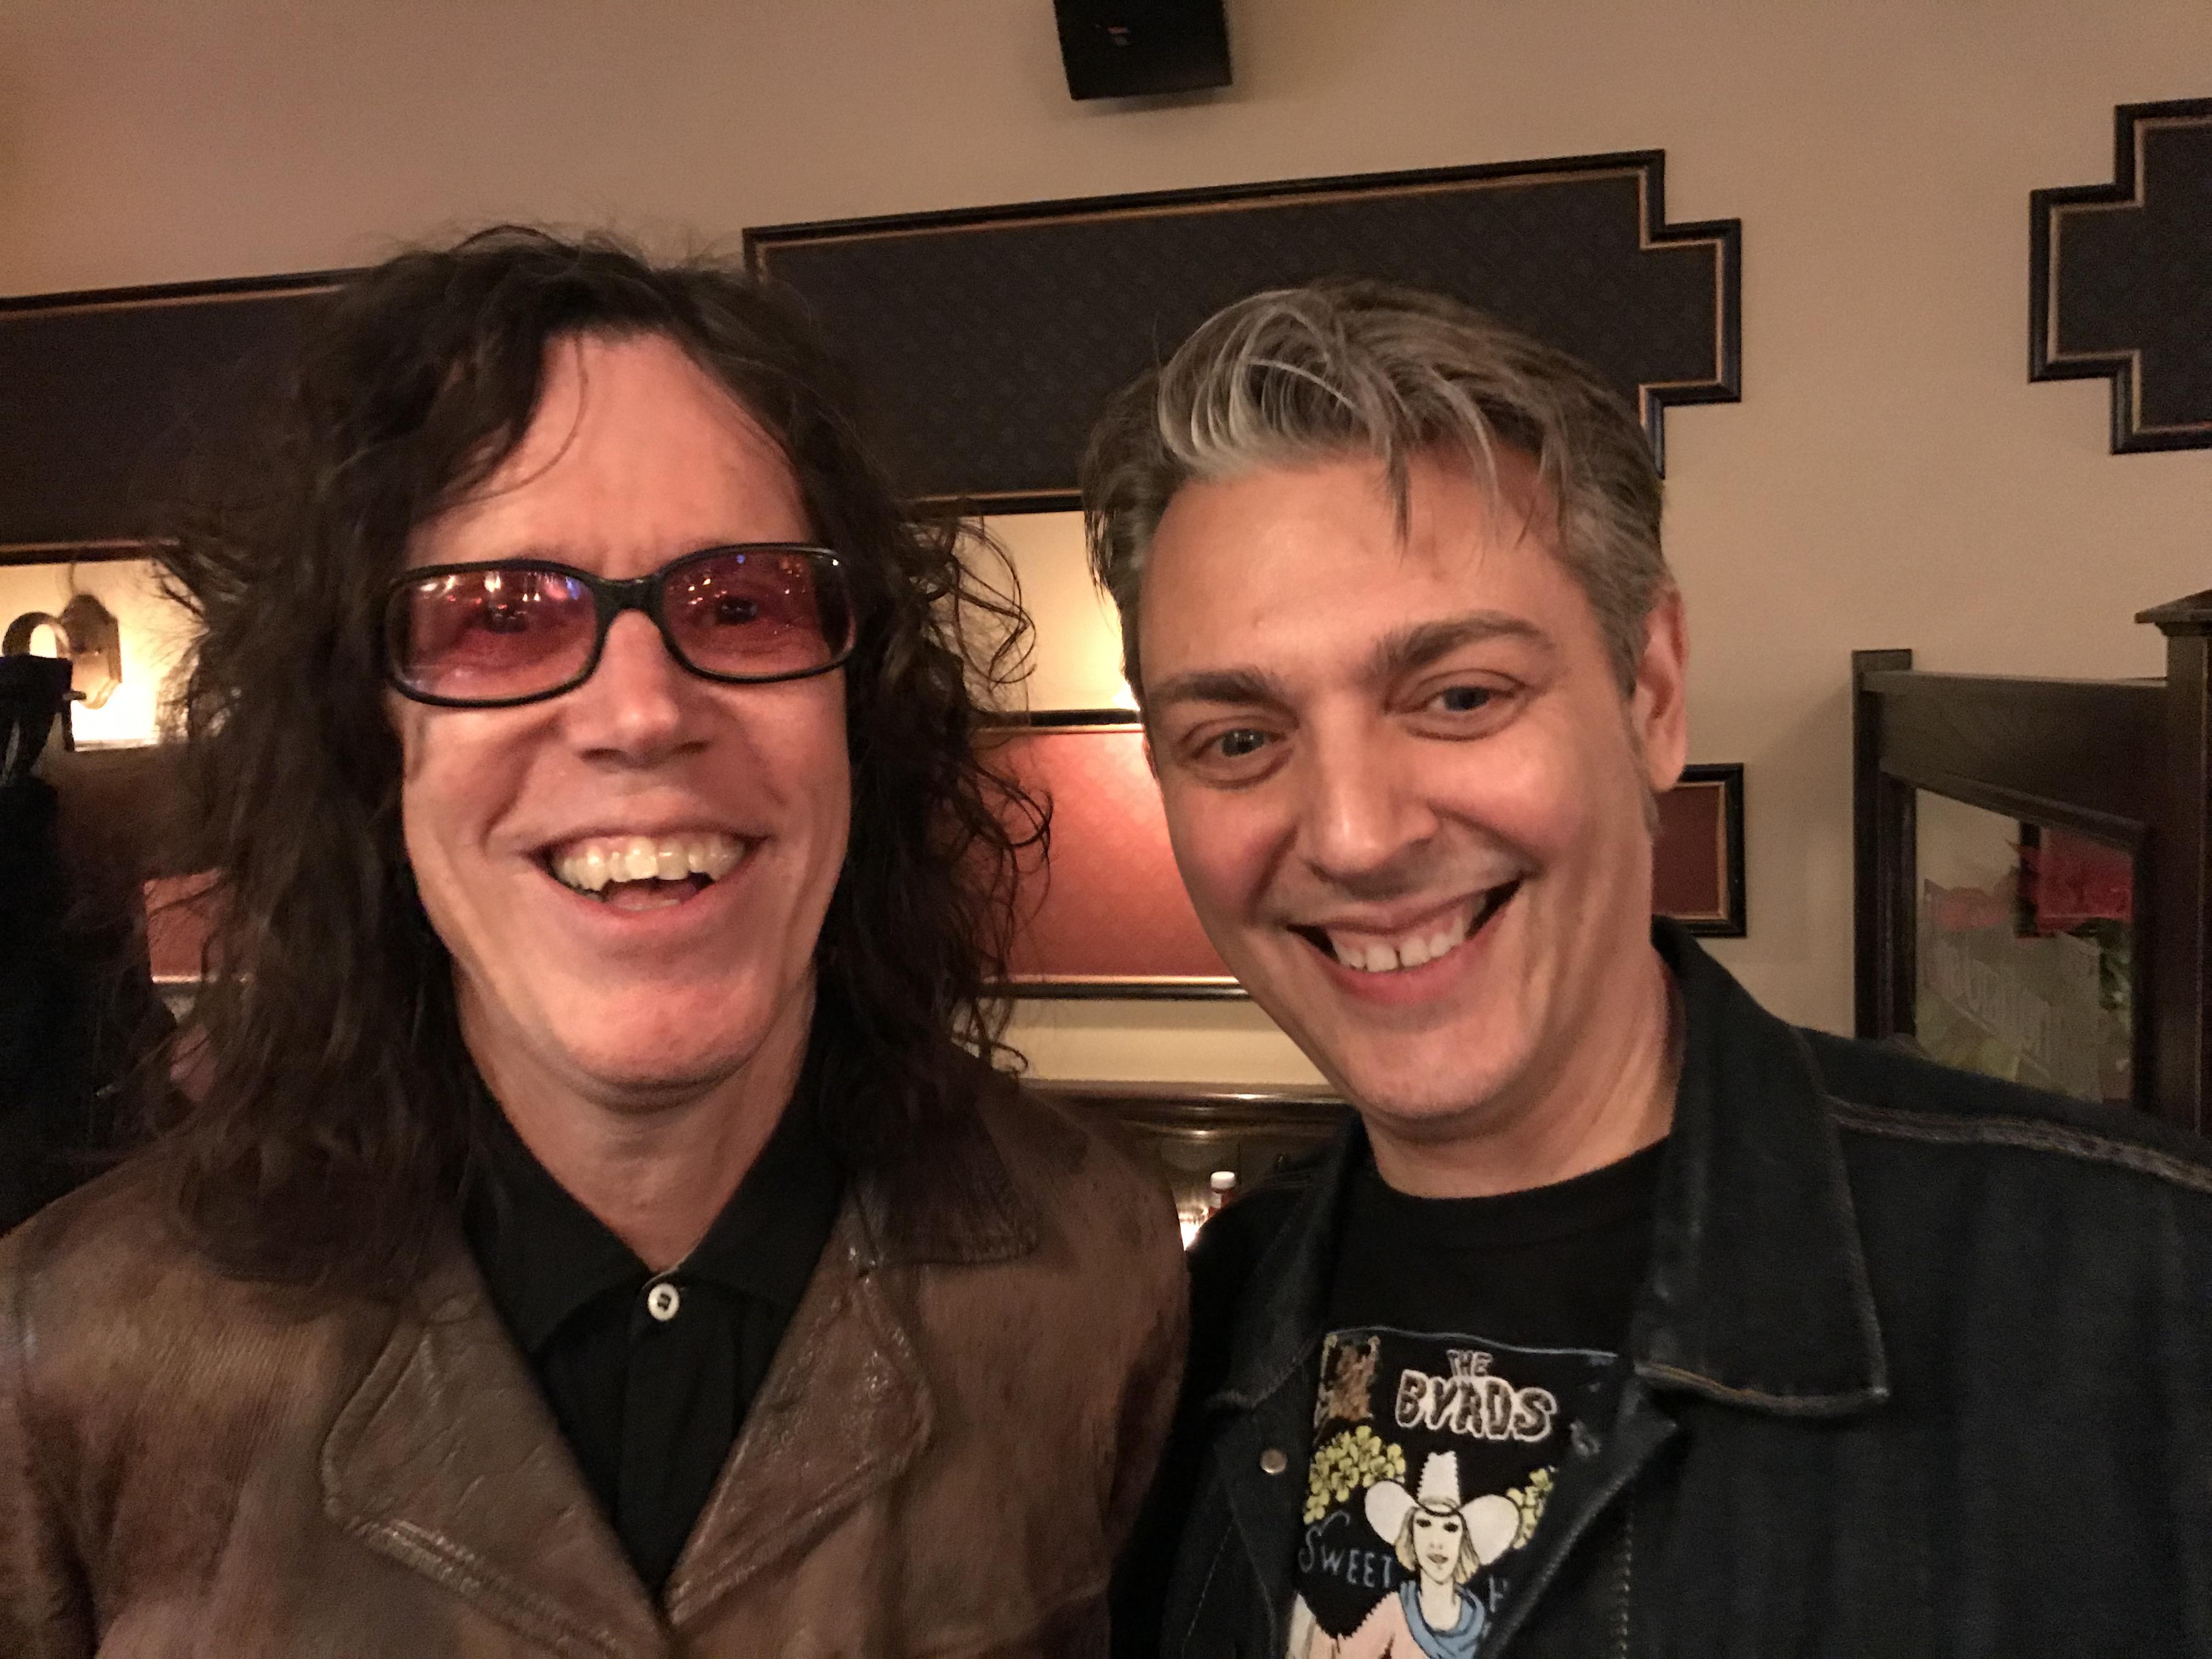 Kenny and Tony